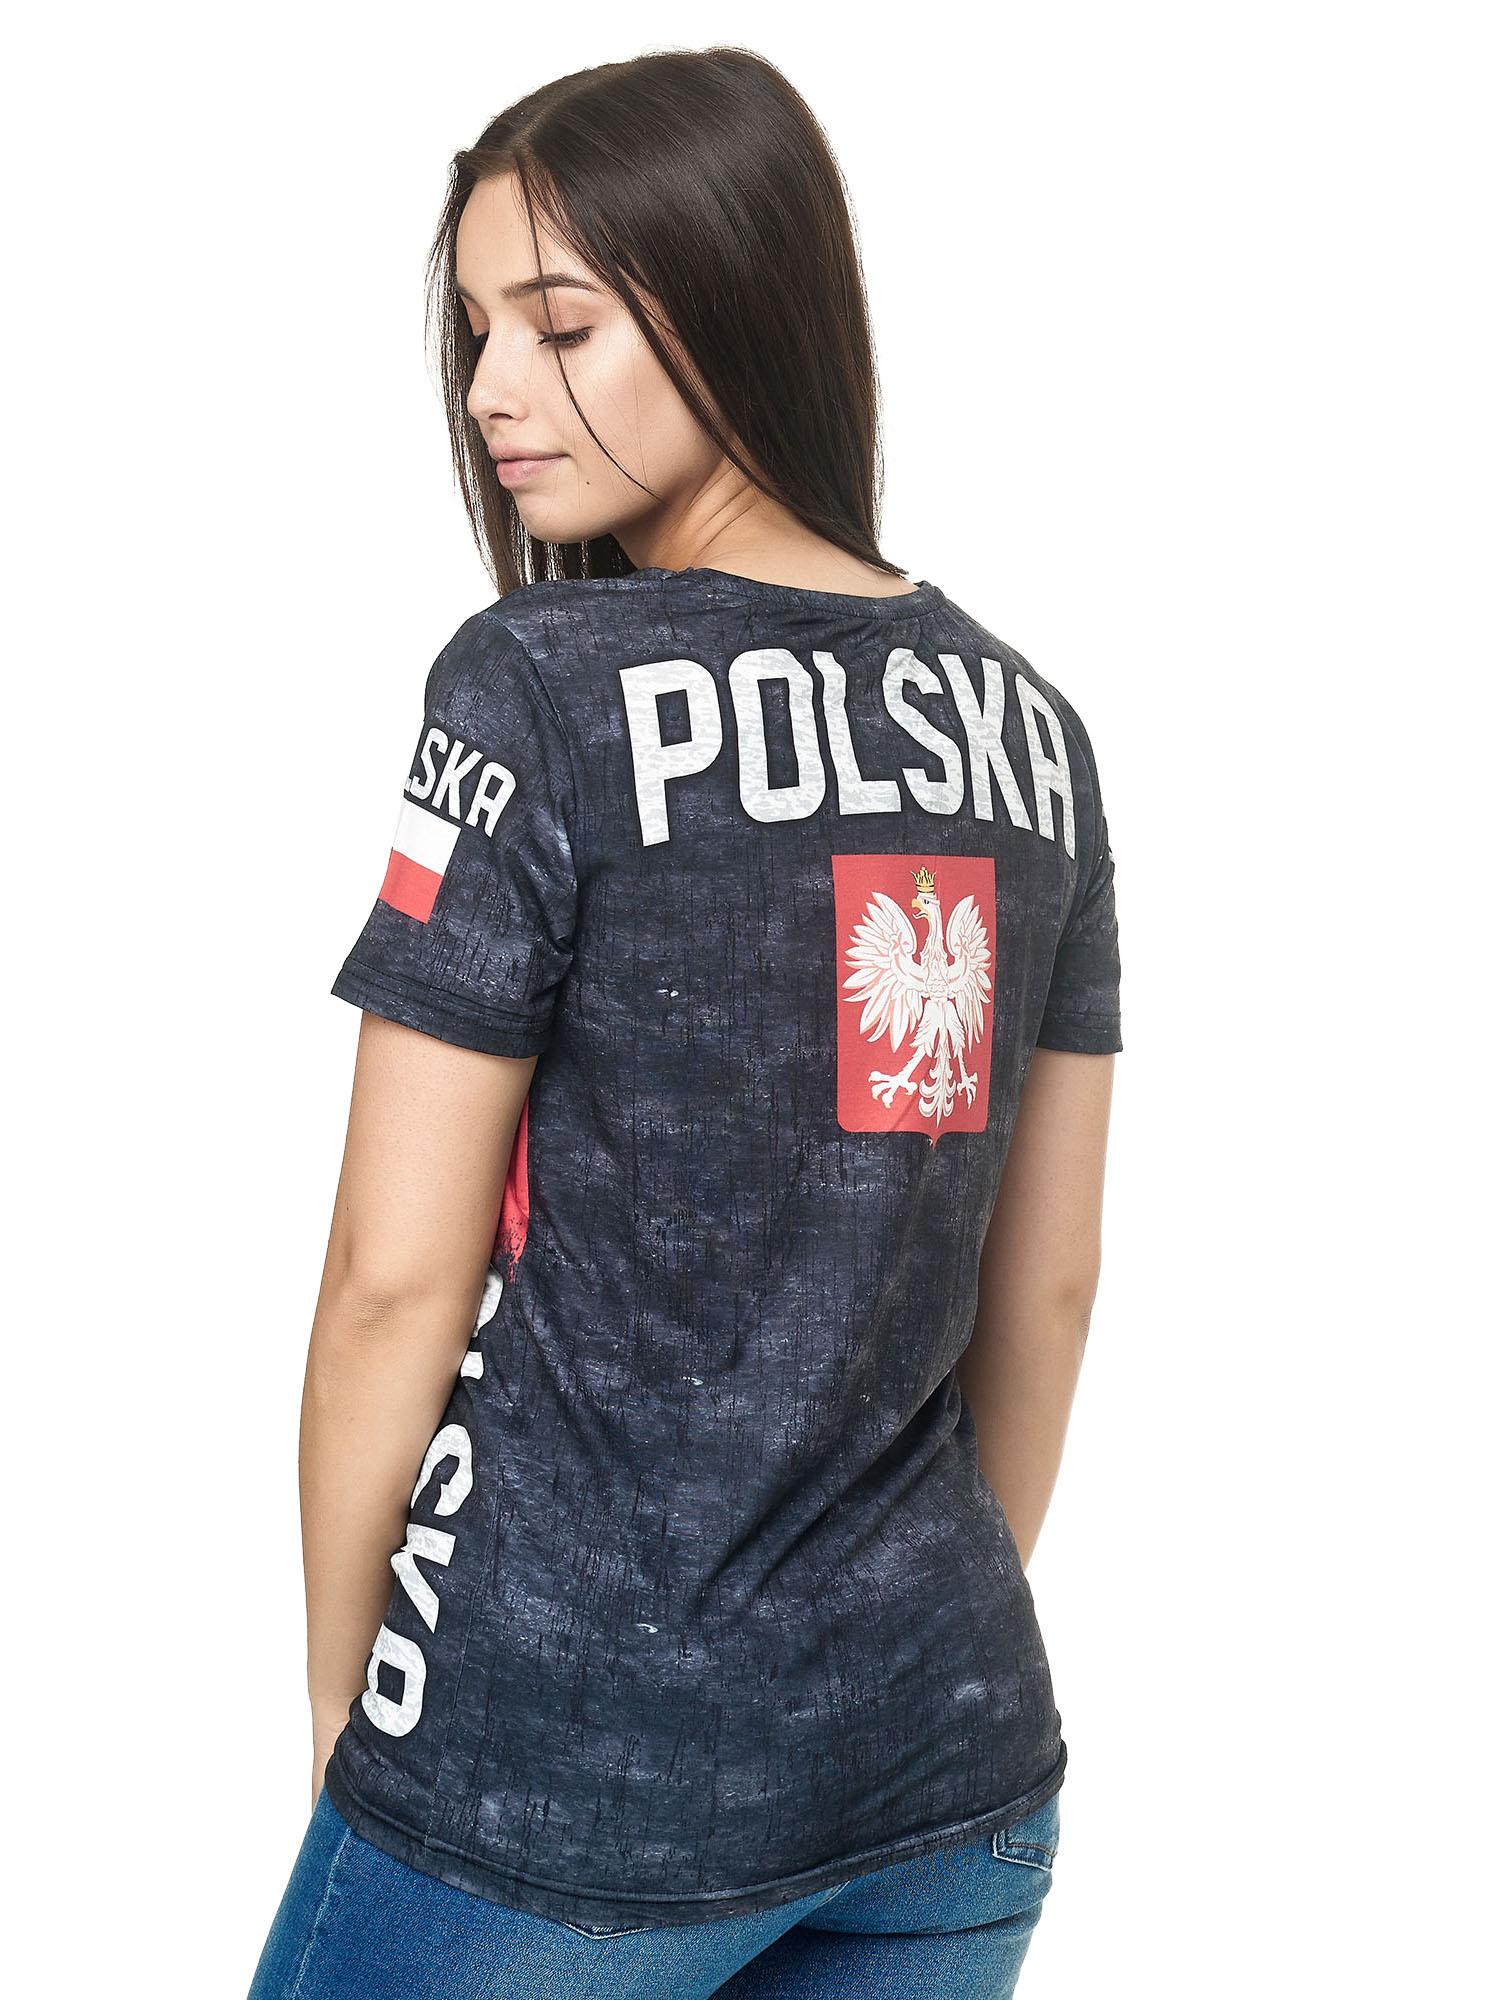 Paesi-da-Donna-T-shirt-A-Maniche-Corte-Girocollo-donne-CALCIO-Fanshirt-John-Kayna miniatura 94